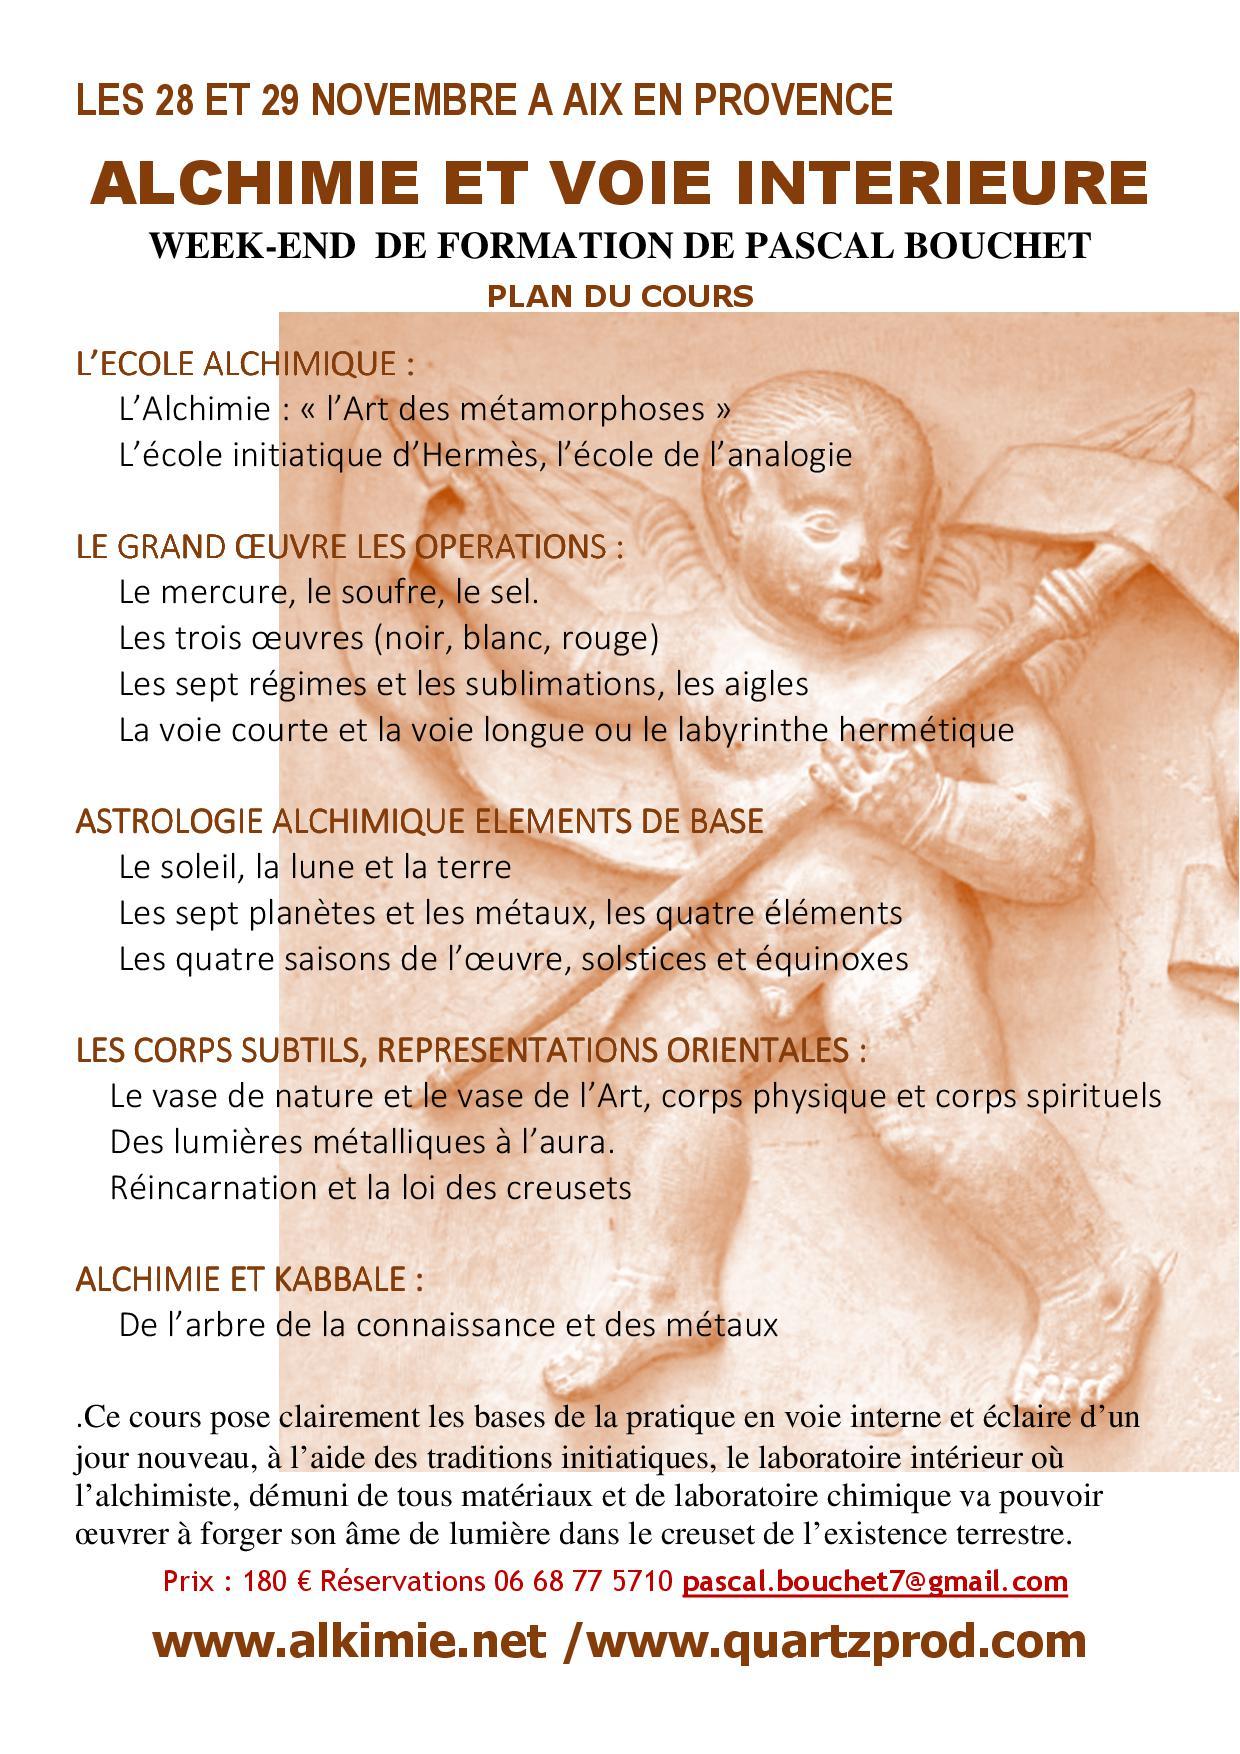 Cours avi 27 et 28 novembre a aix en provence 2